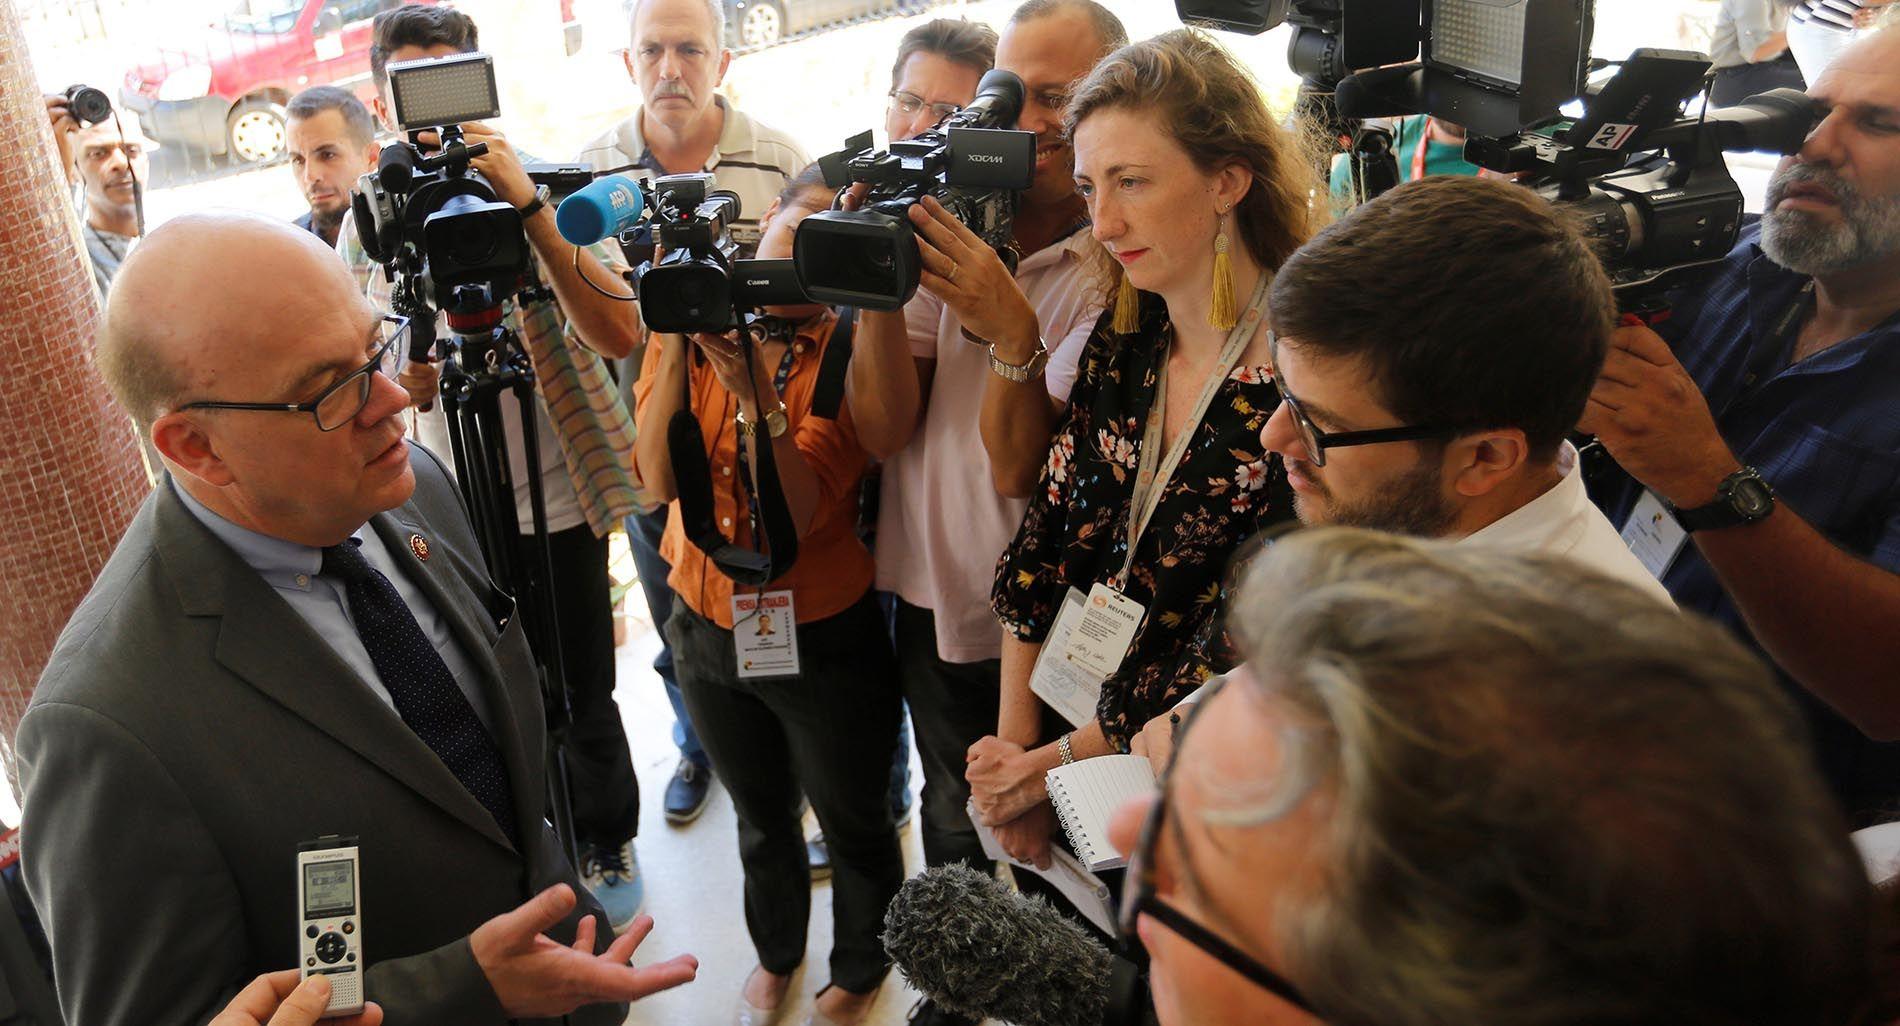 El congresista estadounidense James McGovern (i) habla con la prensa durante su visita al Instituto Superior de Relaciones Internacionales en La Habana, el 29 de marzo de 2019. Foto: Yander Zamora / EFE.